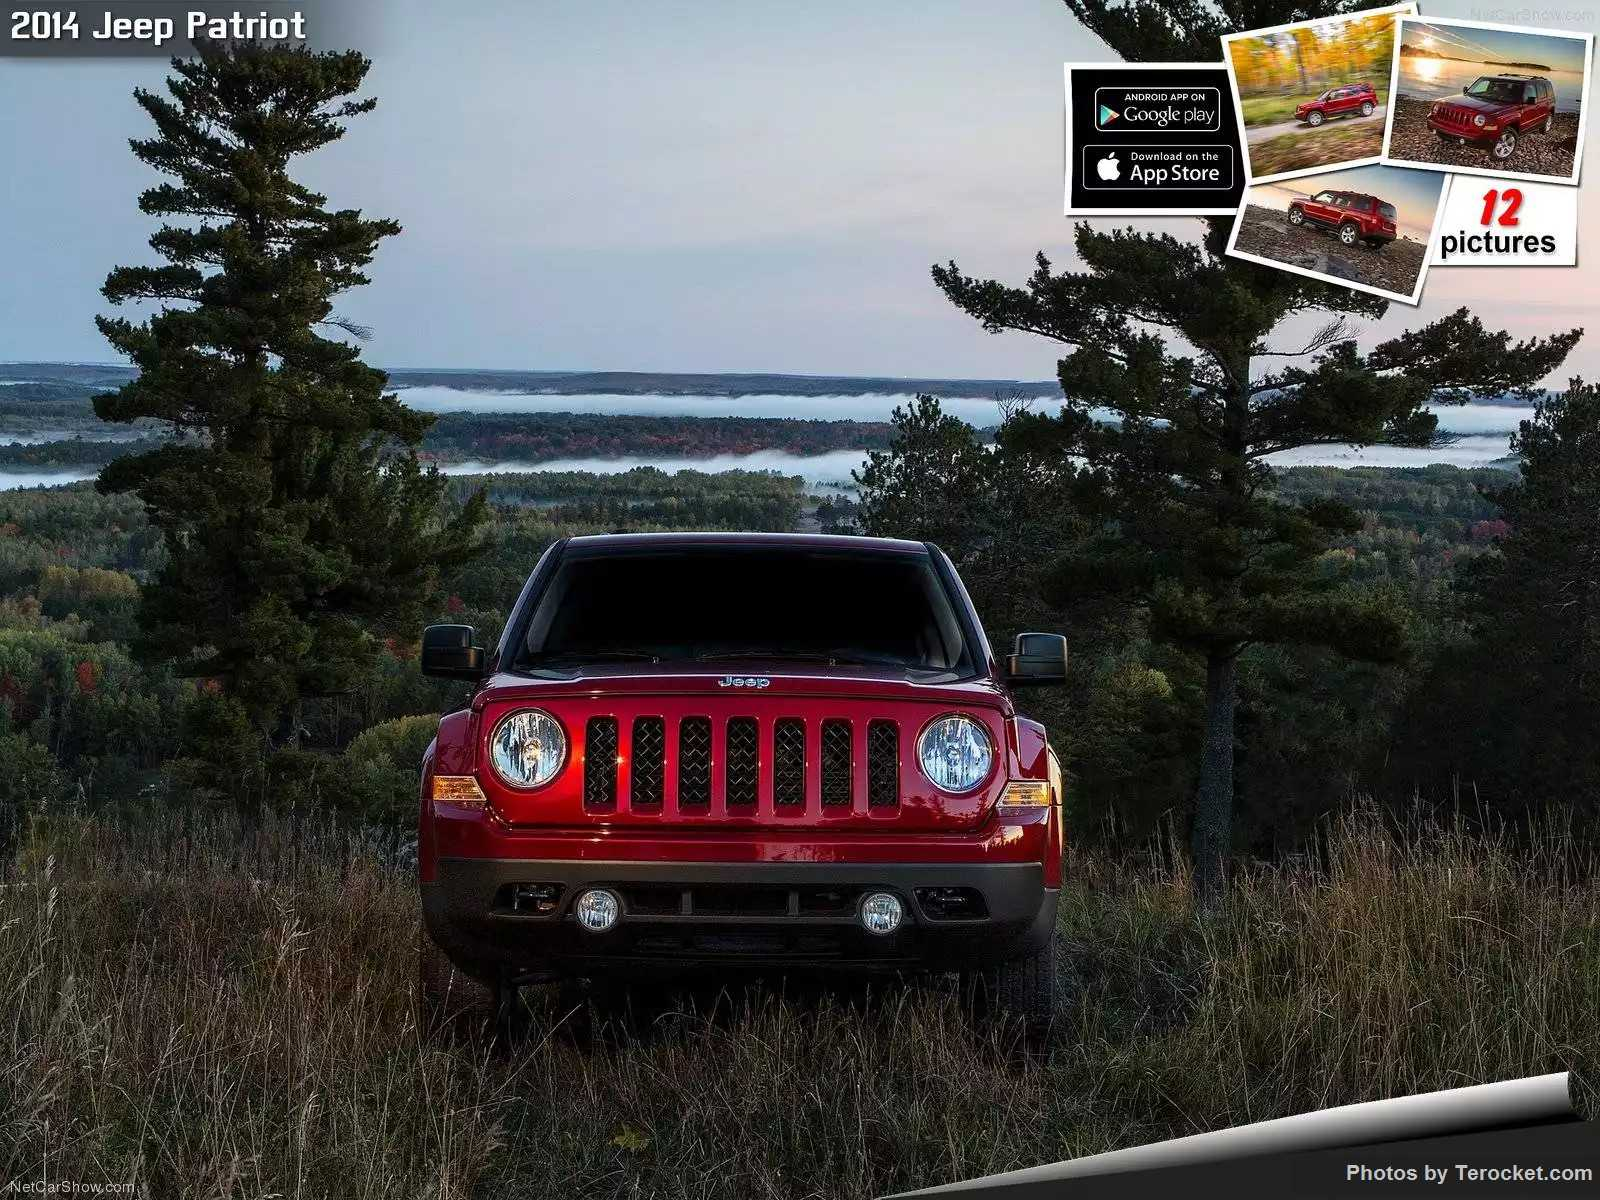 Hình ảnh xe ô tô Jeep Patriot 2014 & nội ngoại thất